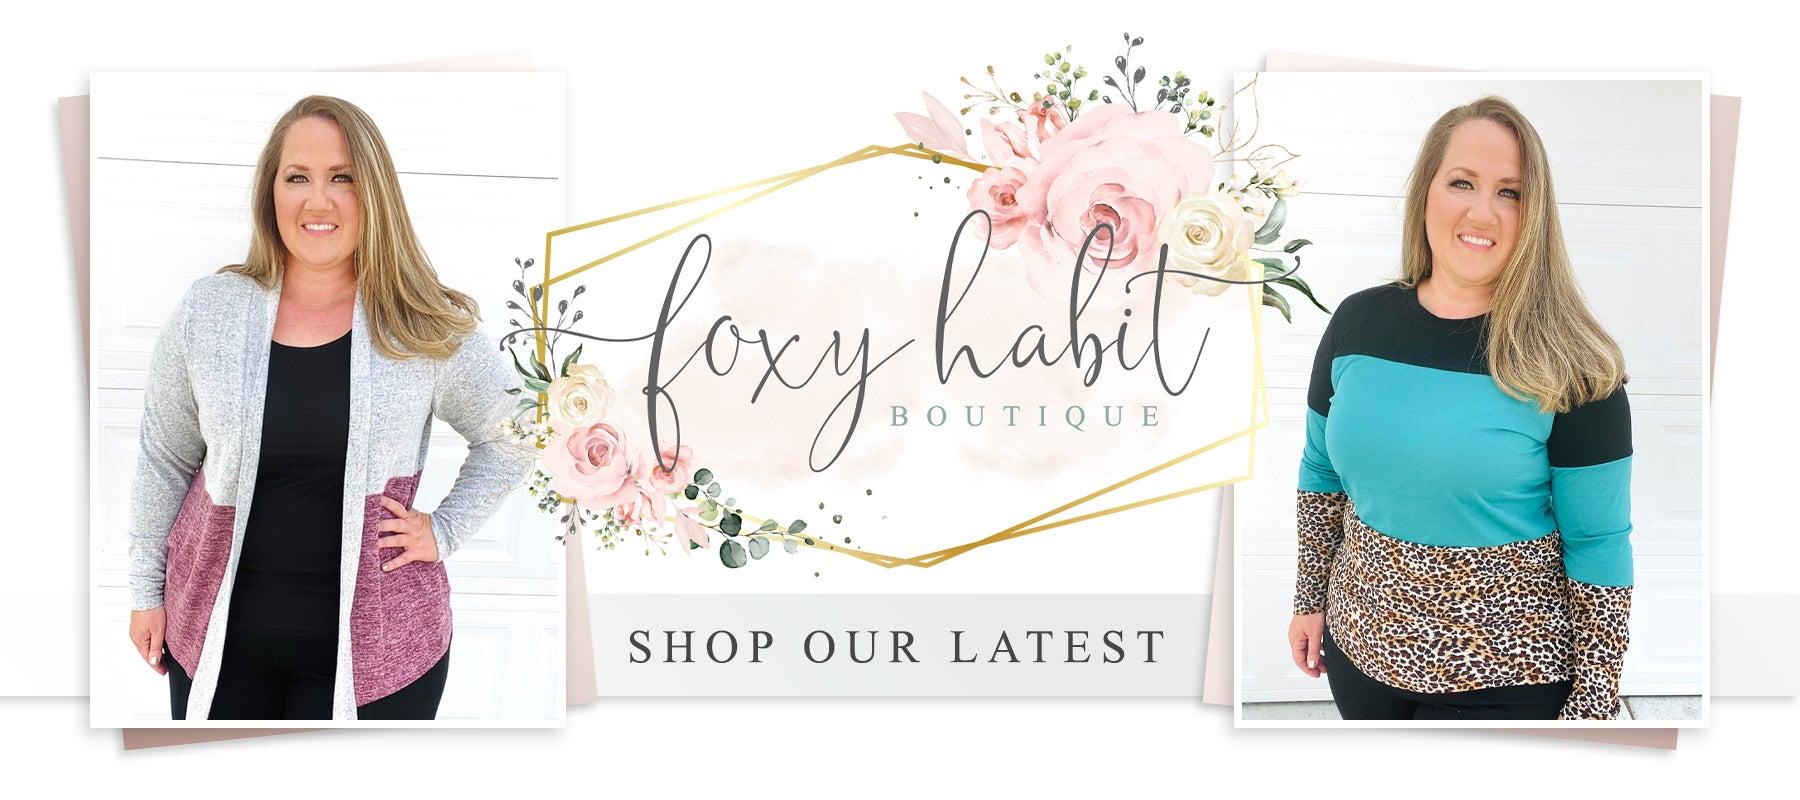 Foxy Habit Boutique